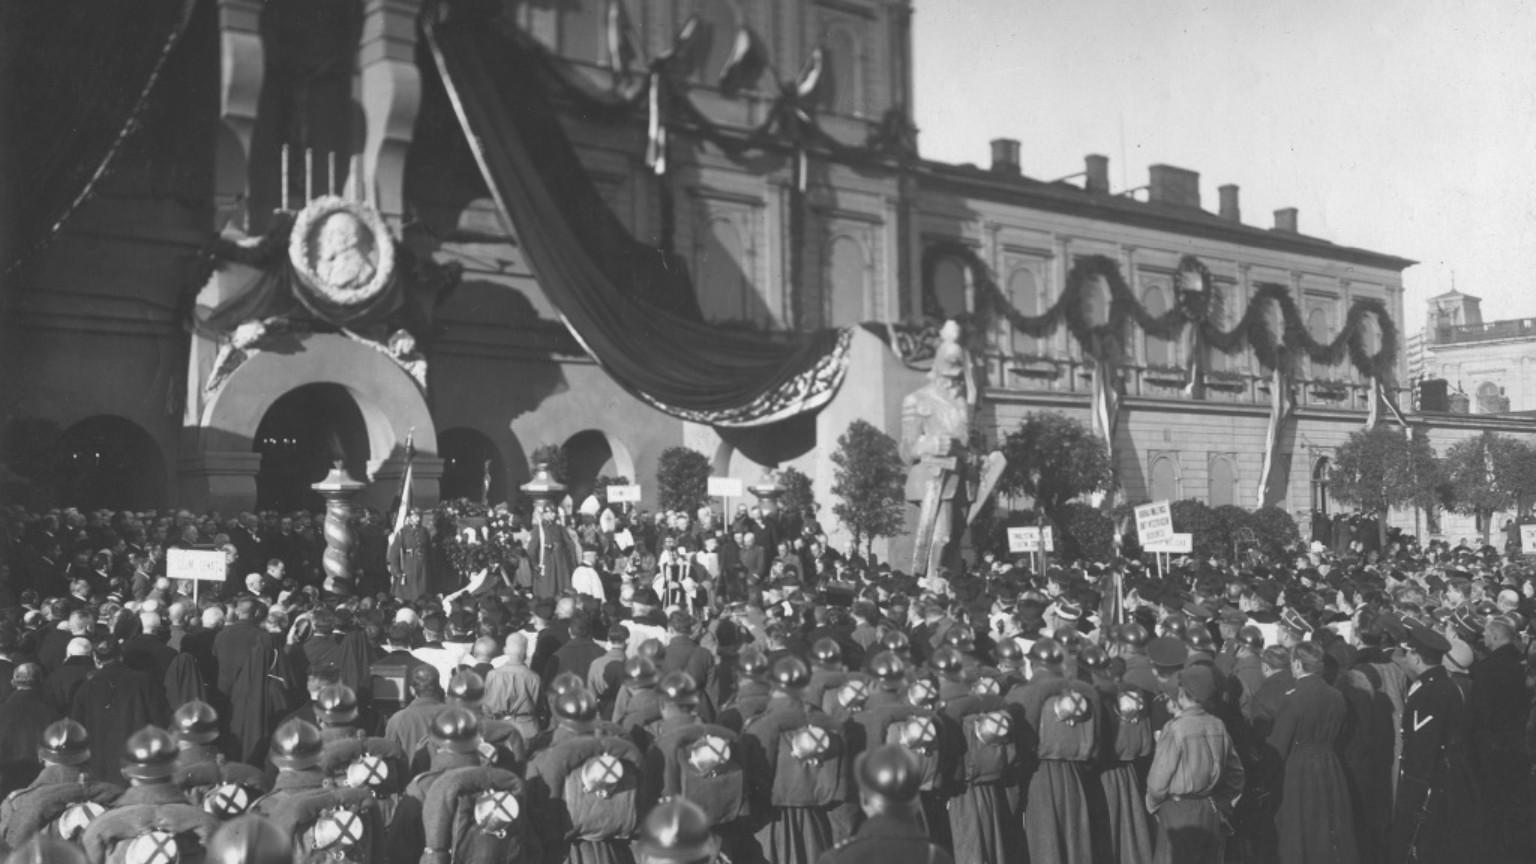 Zdjęcie dla kartki: Sprowadzenie zwłok Henryka Sienkiewicza do kraju